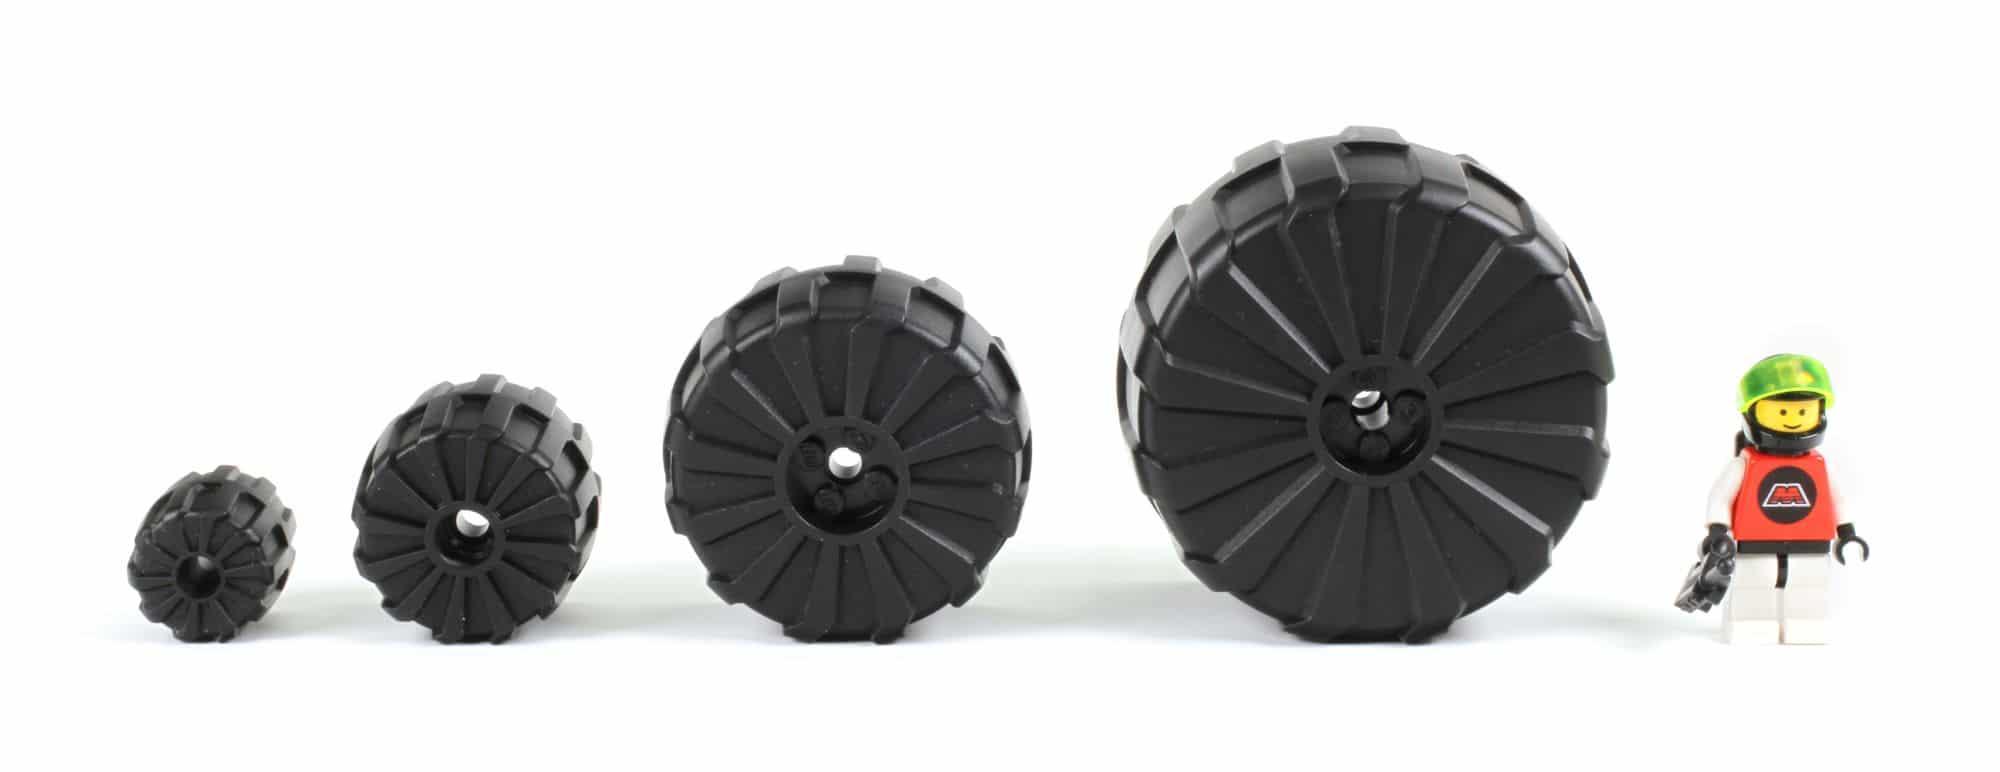 LEGO M Tron Größenvergleich Räder